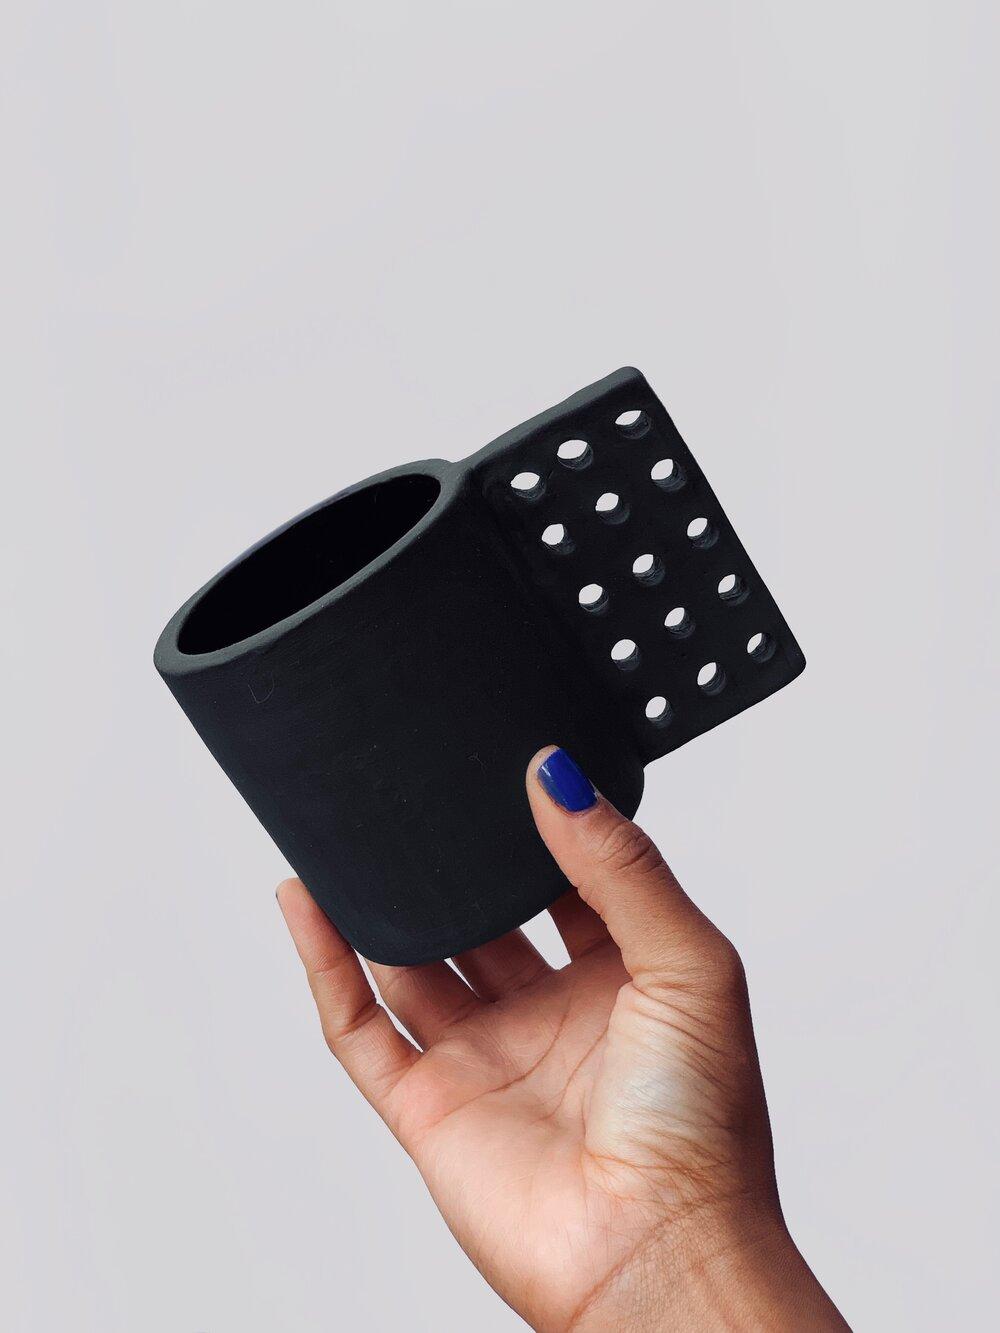 Esta artista apasionada por la cerámica creó 100 asas diferentes para una misma taza y enseña múltiples formas de diseñar un objeto